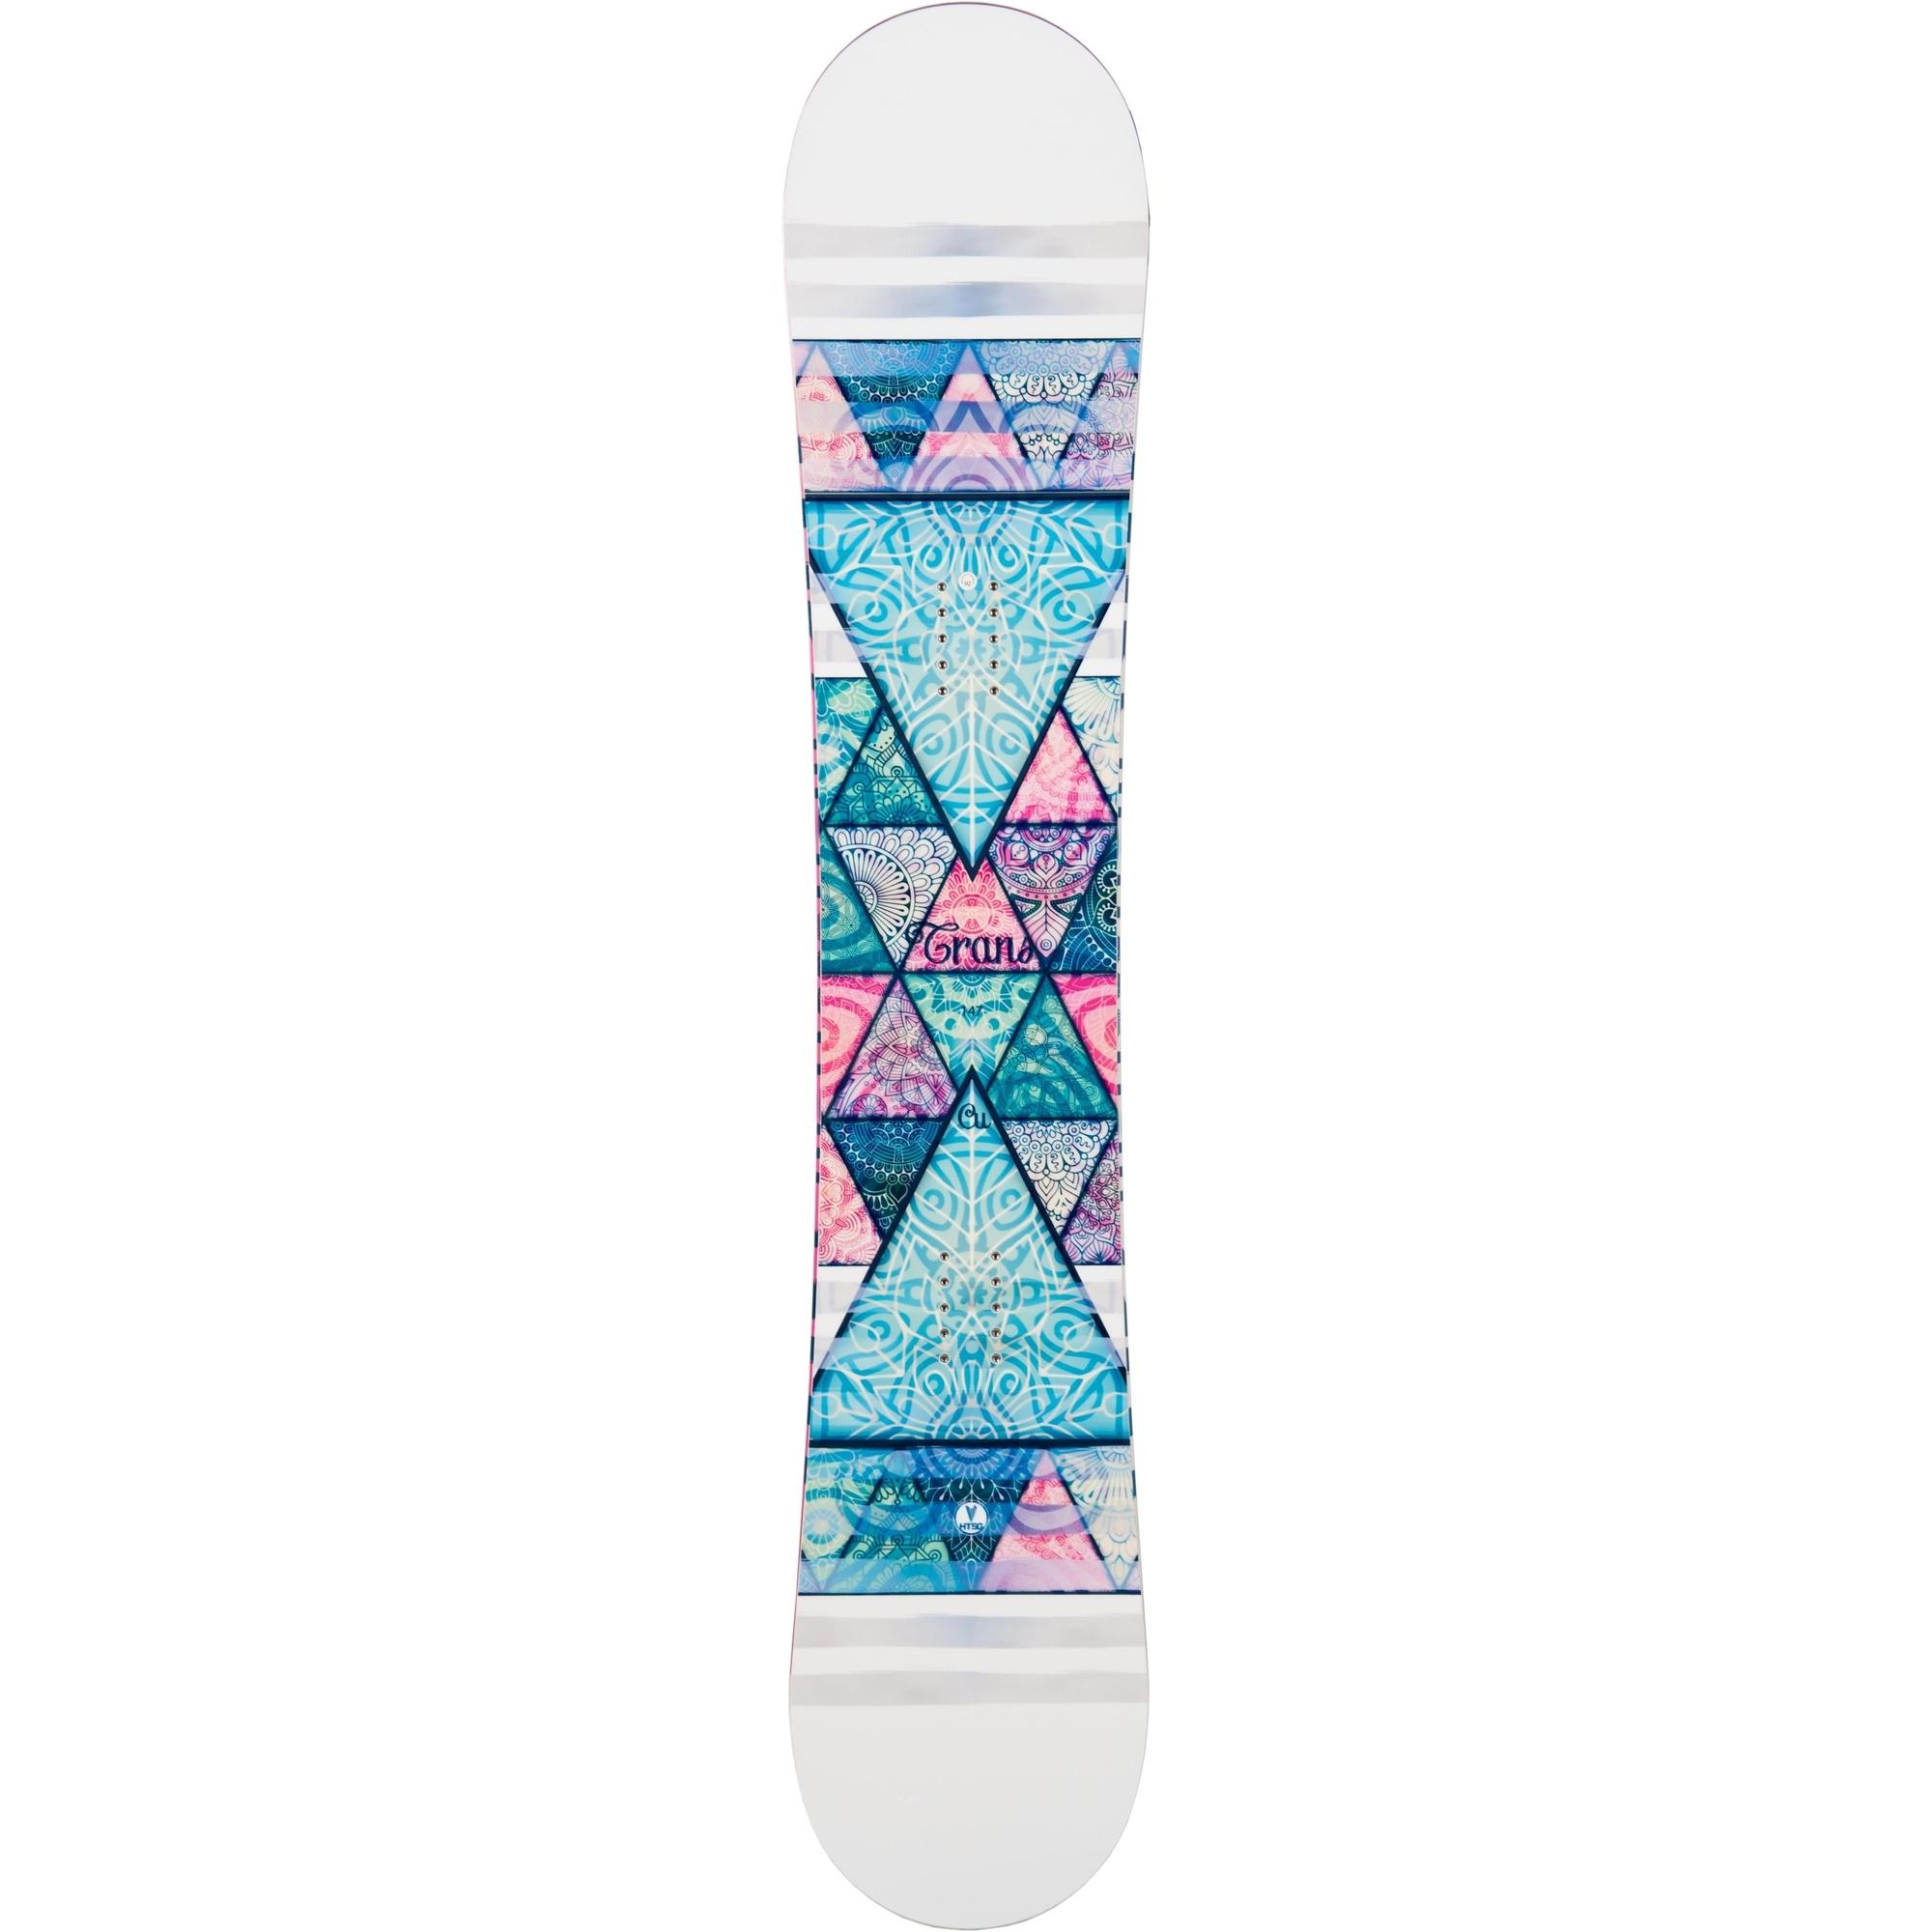 Placa snowboard unisex Trans Variorocker Alb 2019 imagine